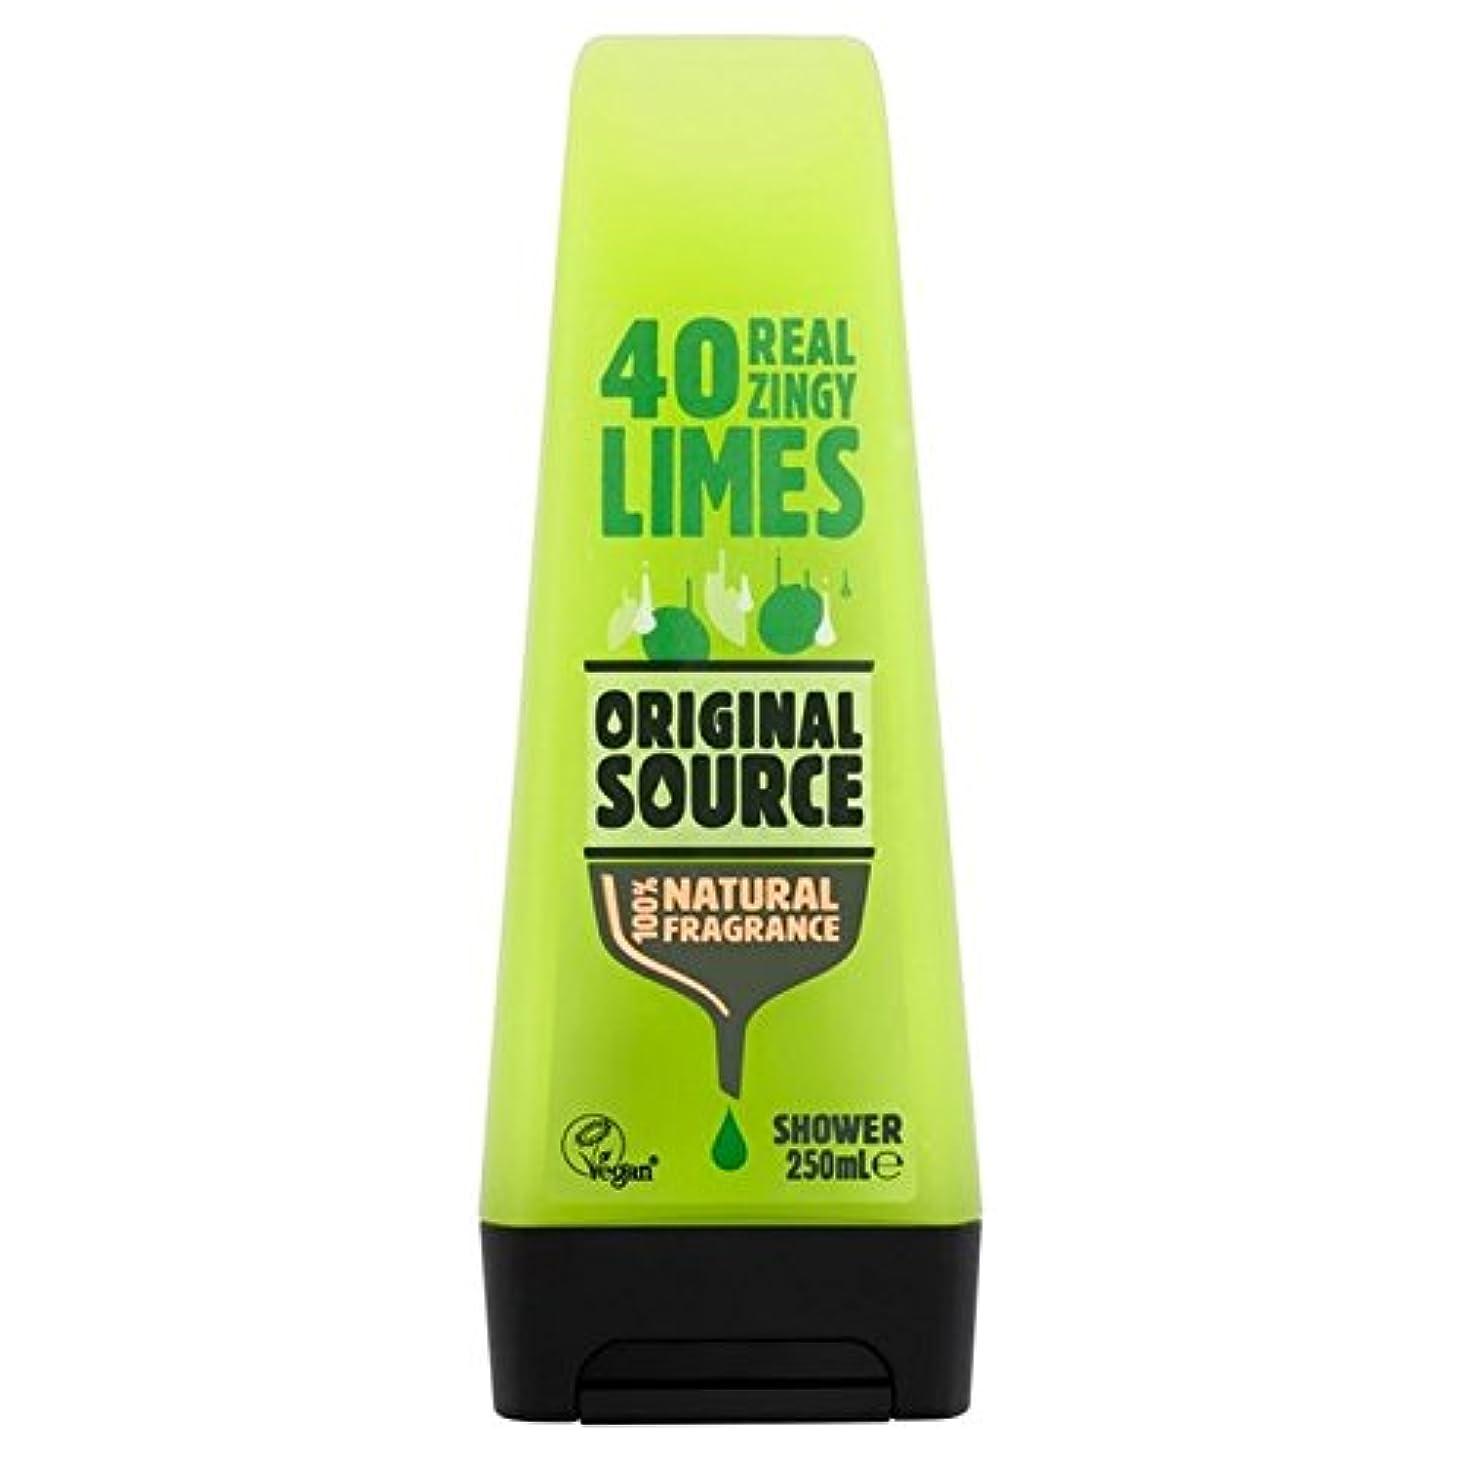 調子興奮する関連するOriginal Source Lime Shower Gel 250ml - 元のソースライムシャワージェル250ミリリットル [並行輸入品]